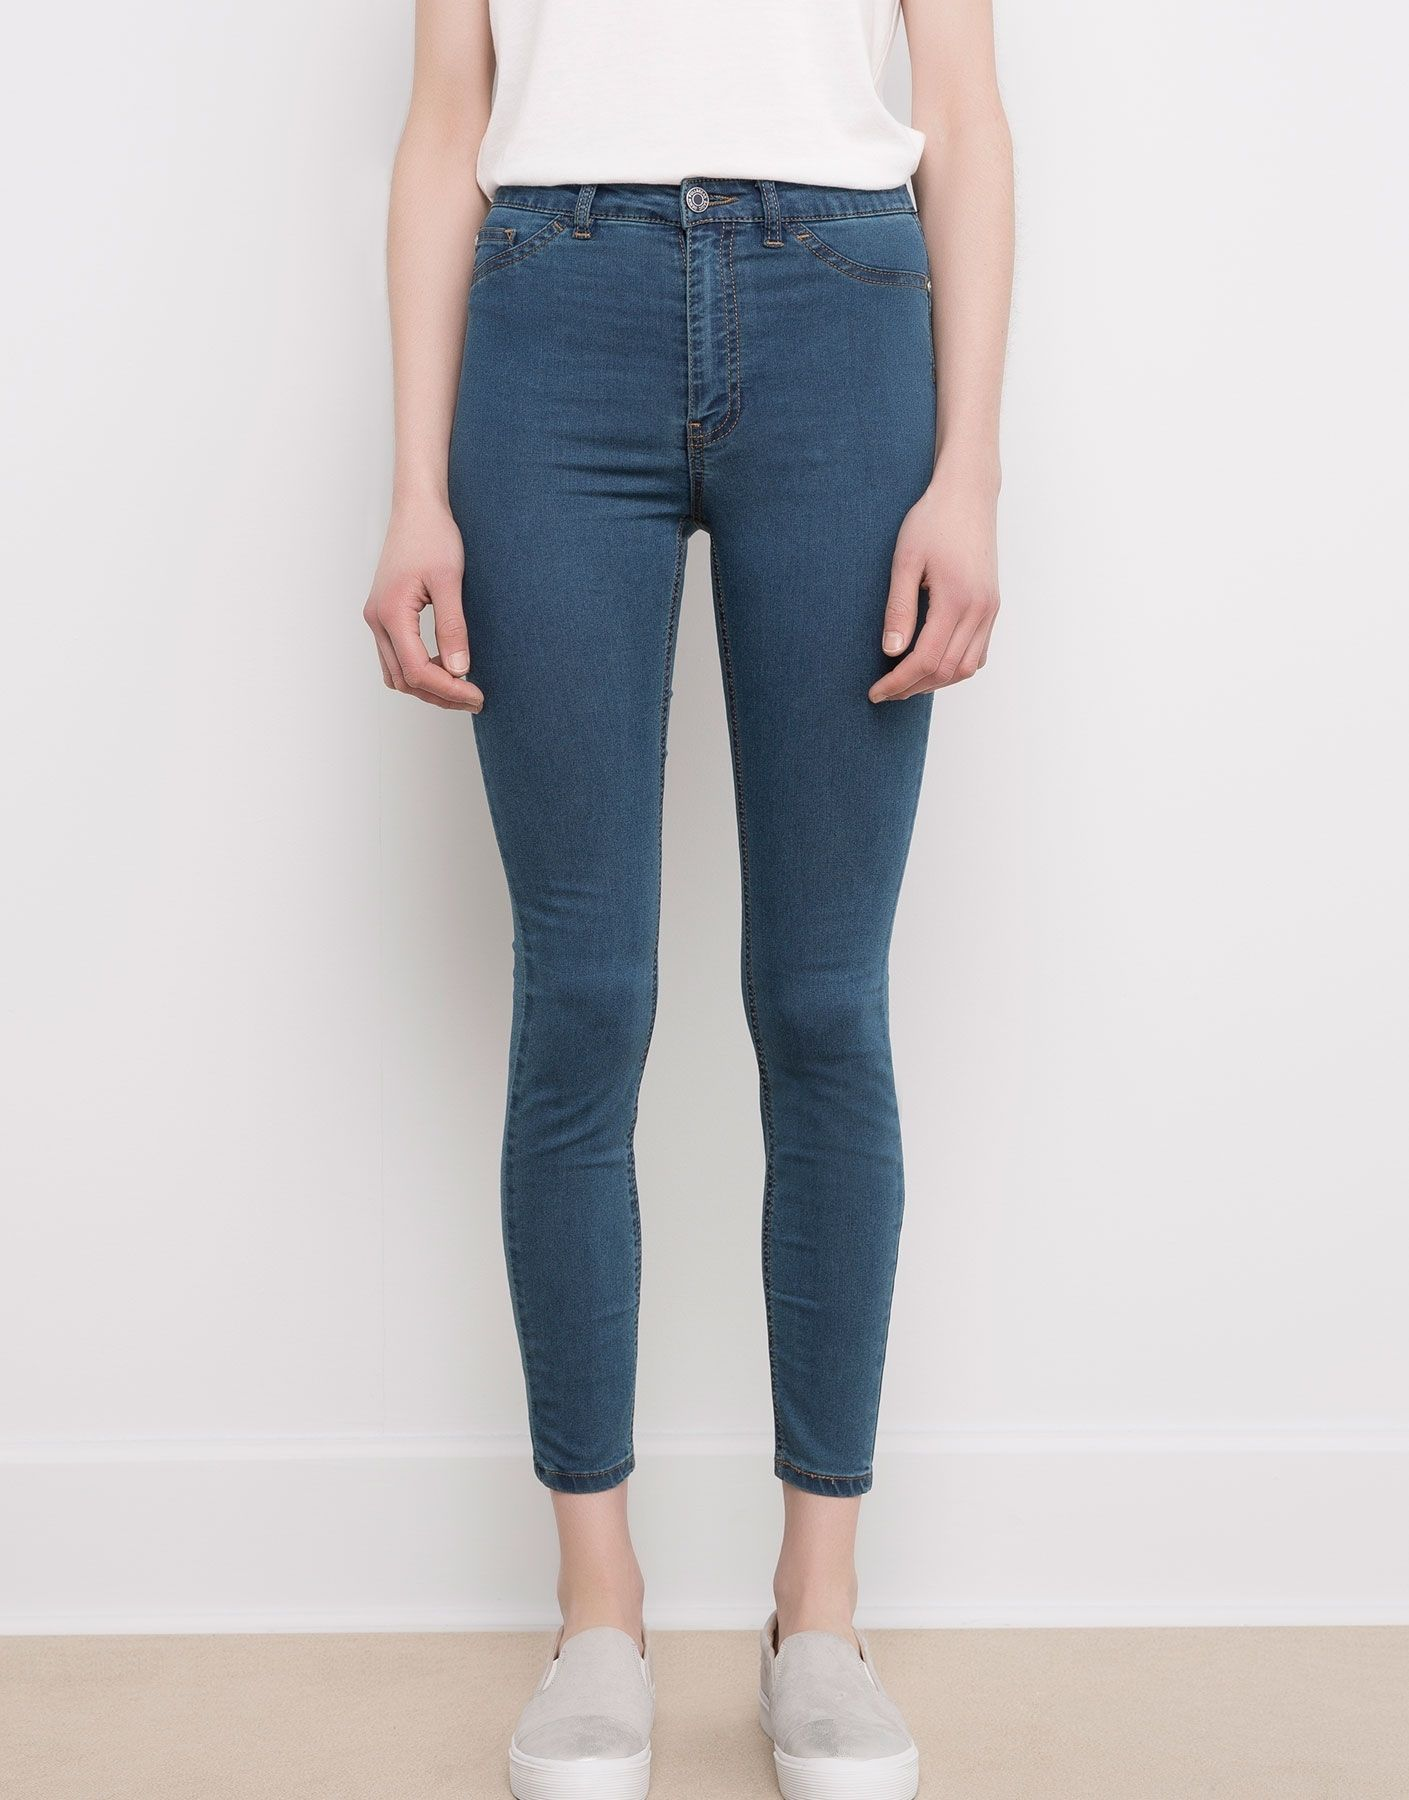 jegging basic taille haute jeans femme pull bear france